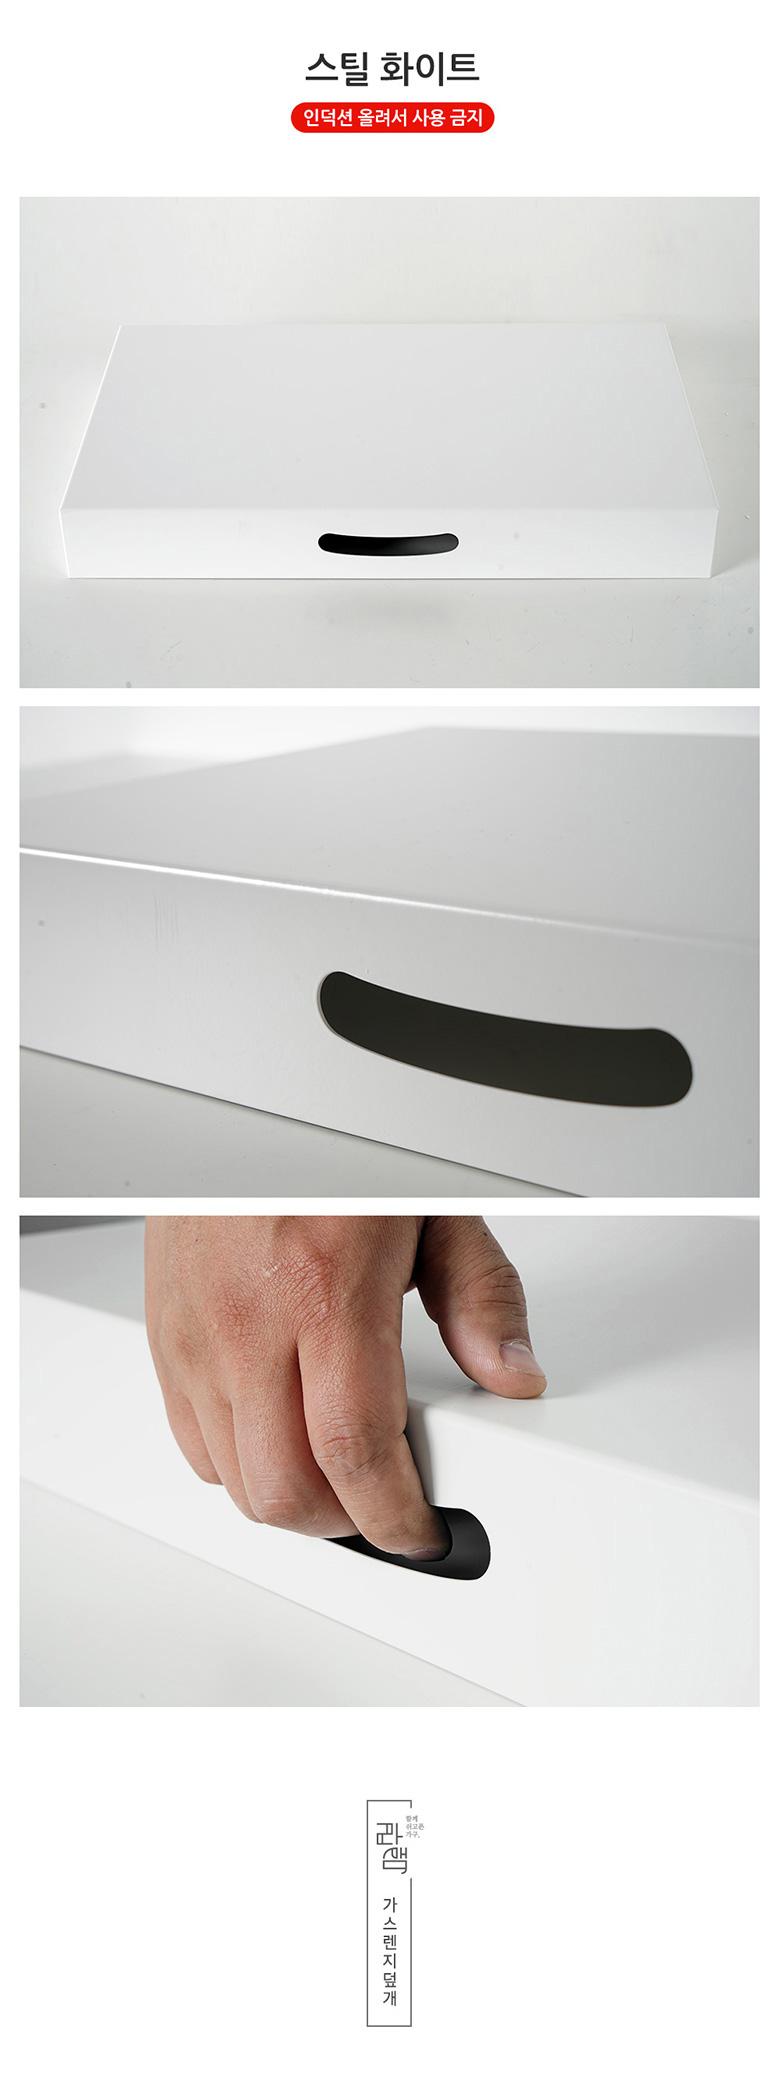 라샘 가스렌지덮개 쿡탑 인덕션받침 5cm - 라샘, 48,000원, 수납/선반장, 수납장